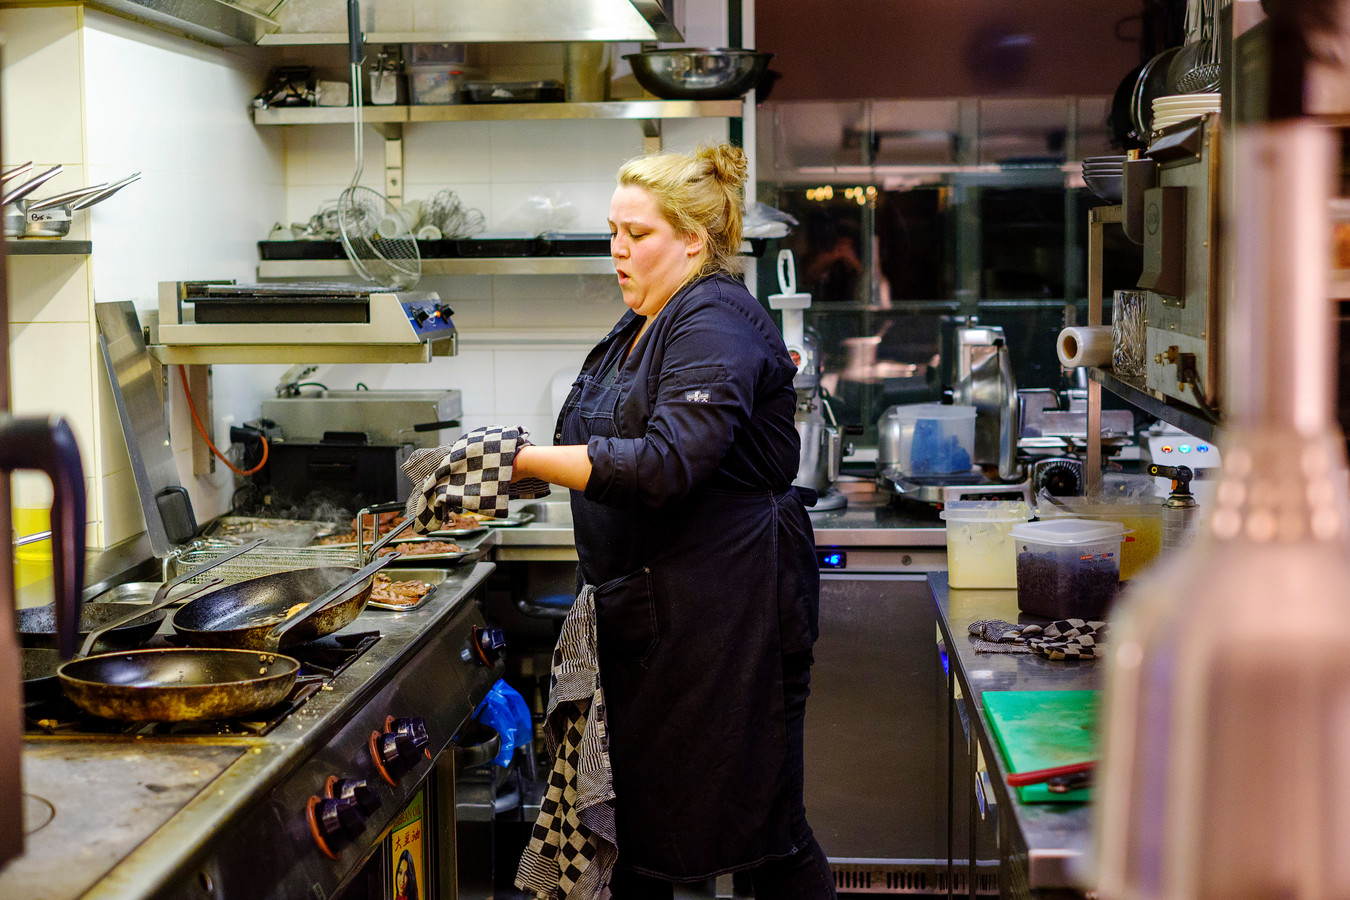 Merel de Bruijn is normaal gesproken gastvrouw bij de Bistronoom. Gisterenavond stond ze achter de pannen, maar dat leverde haar wel pijnlijke blaren op door vetspetters van de parelhoen.